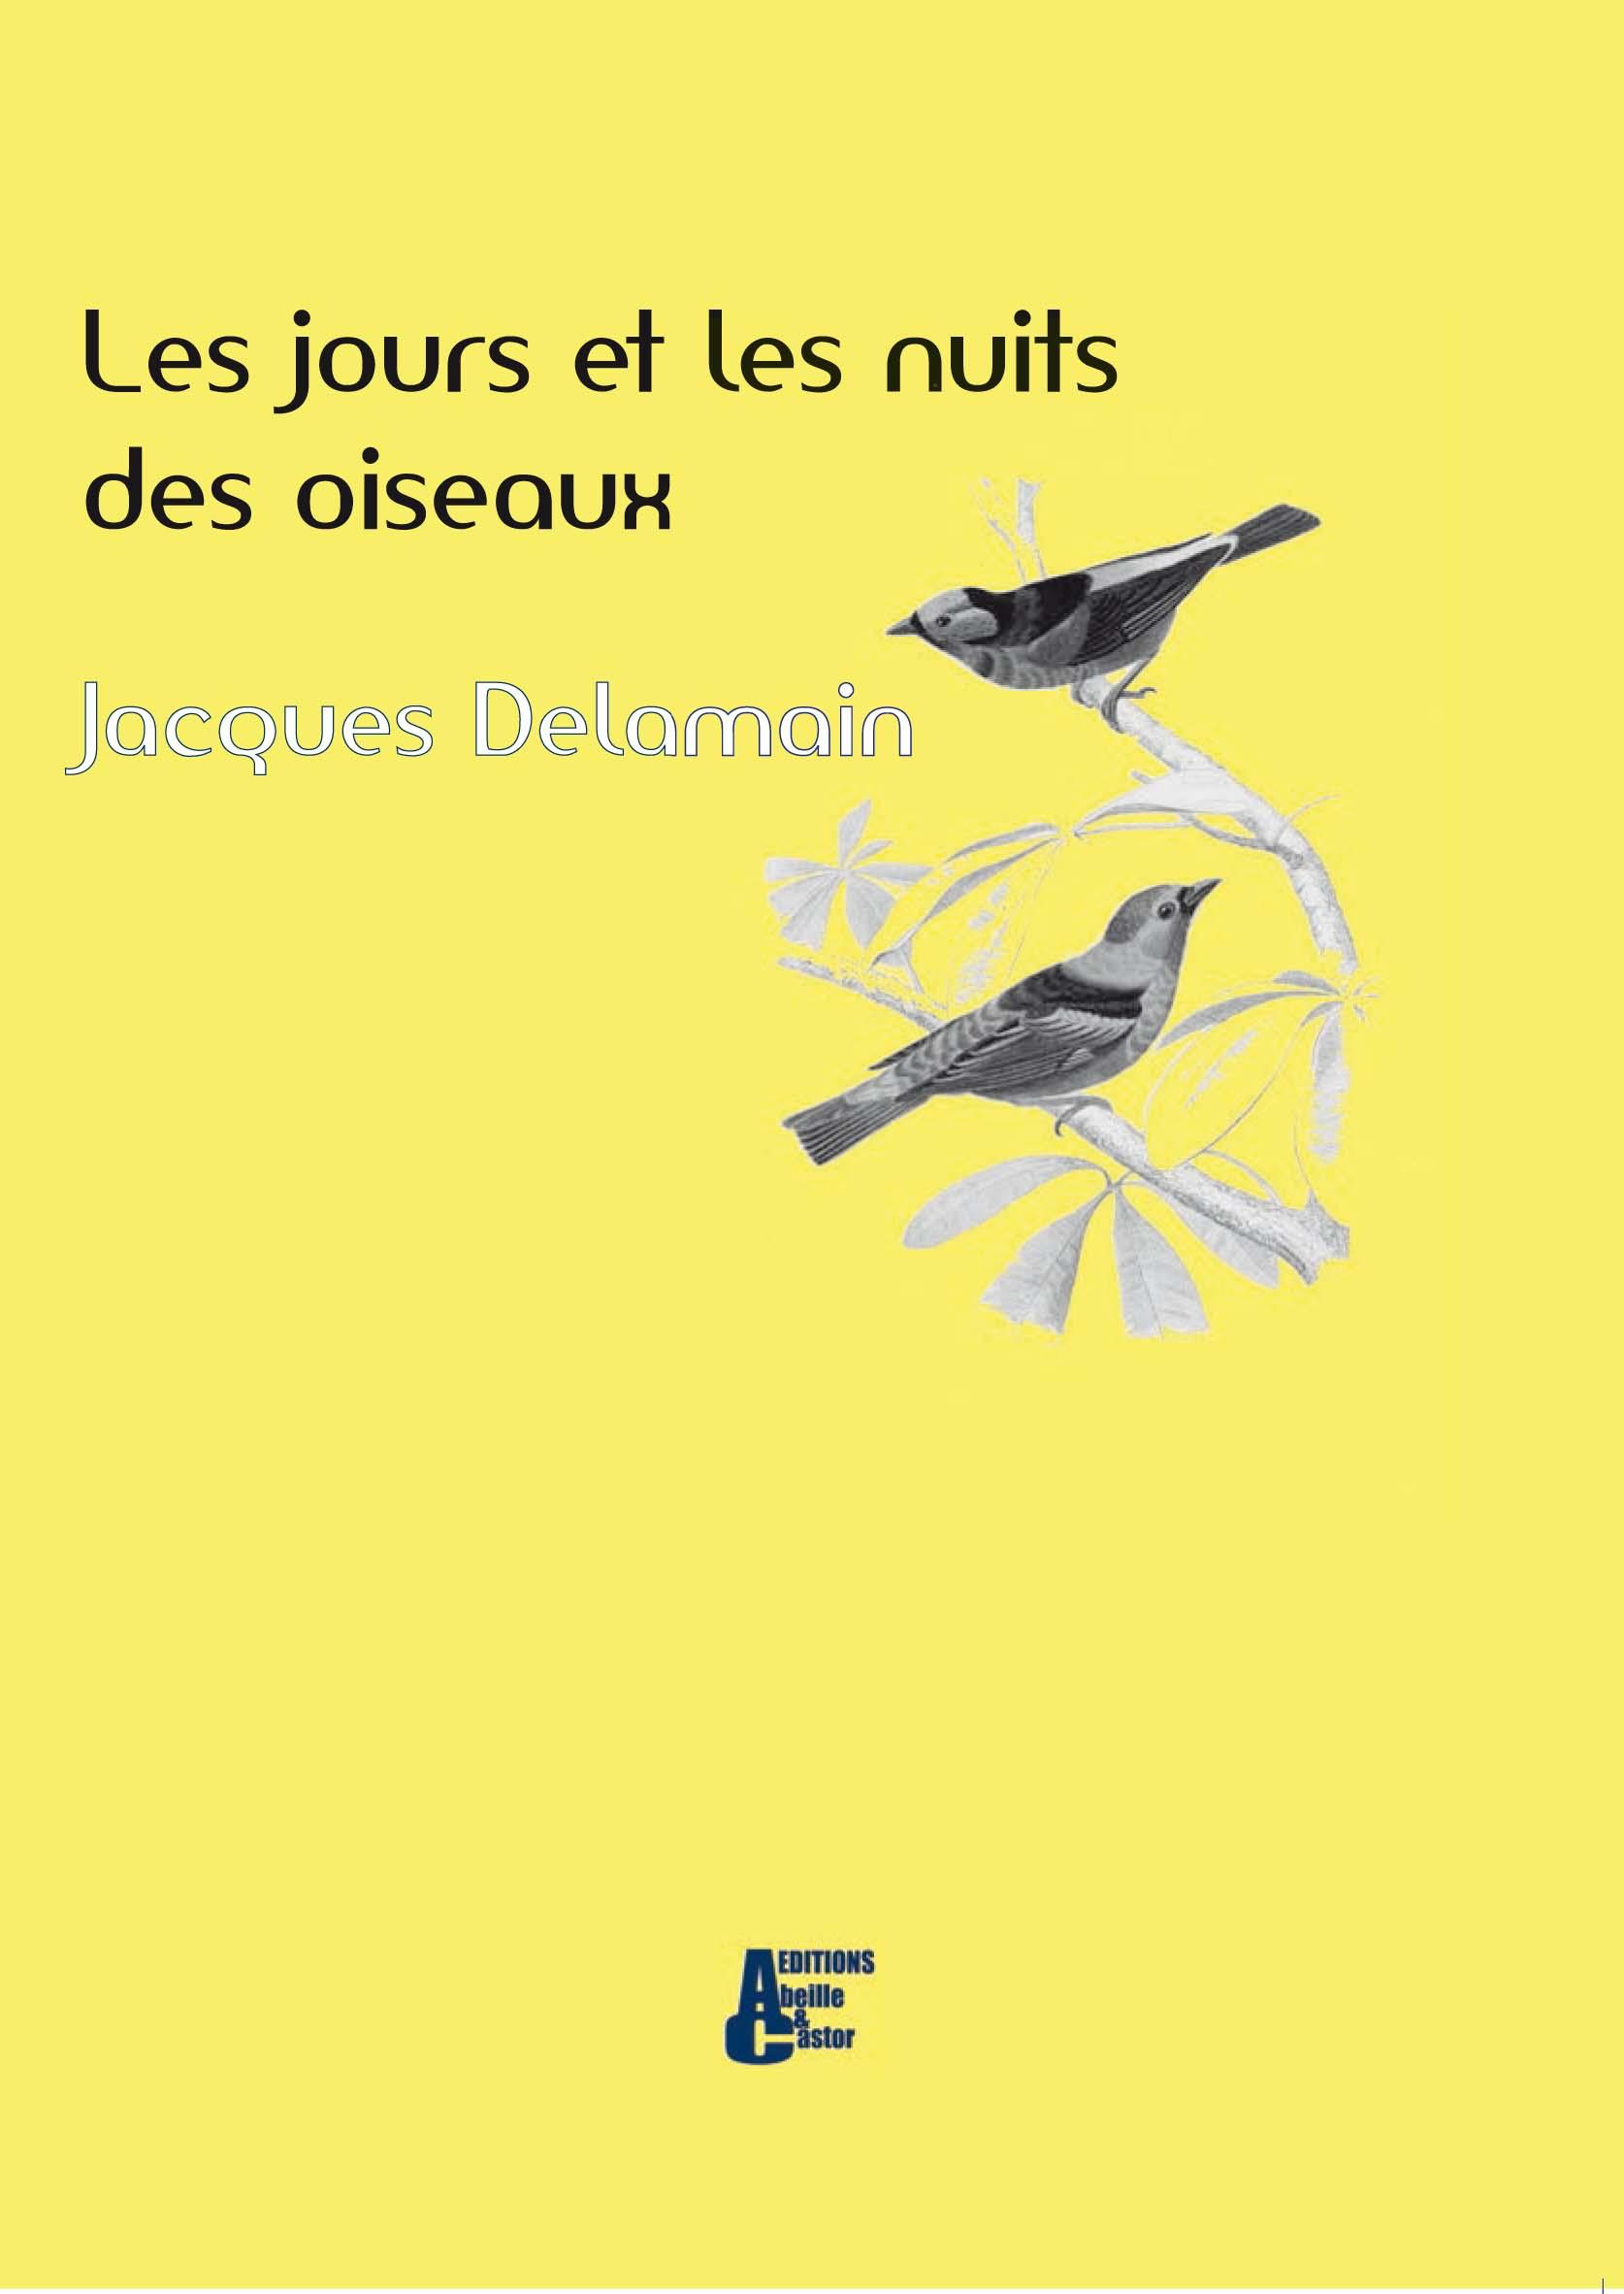 Les Jours et les Nuits des Oiseaux